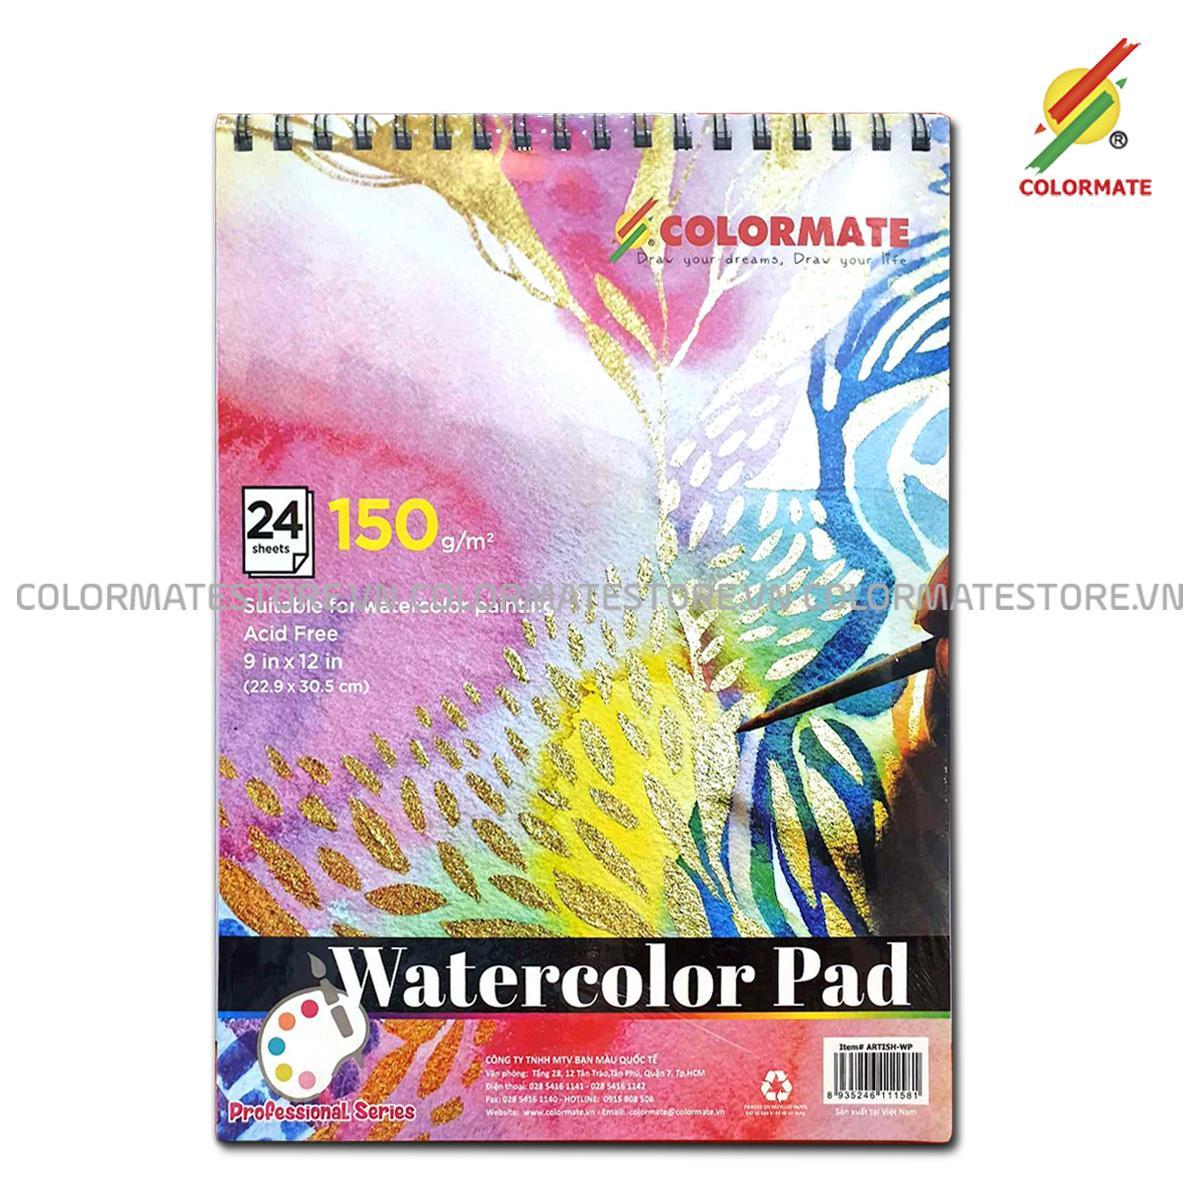 Tập Giấy Vẽ Watercolor Pad A4 Định Lượng 150GMS 24 Tờ Đang Có Giảm Giá